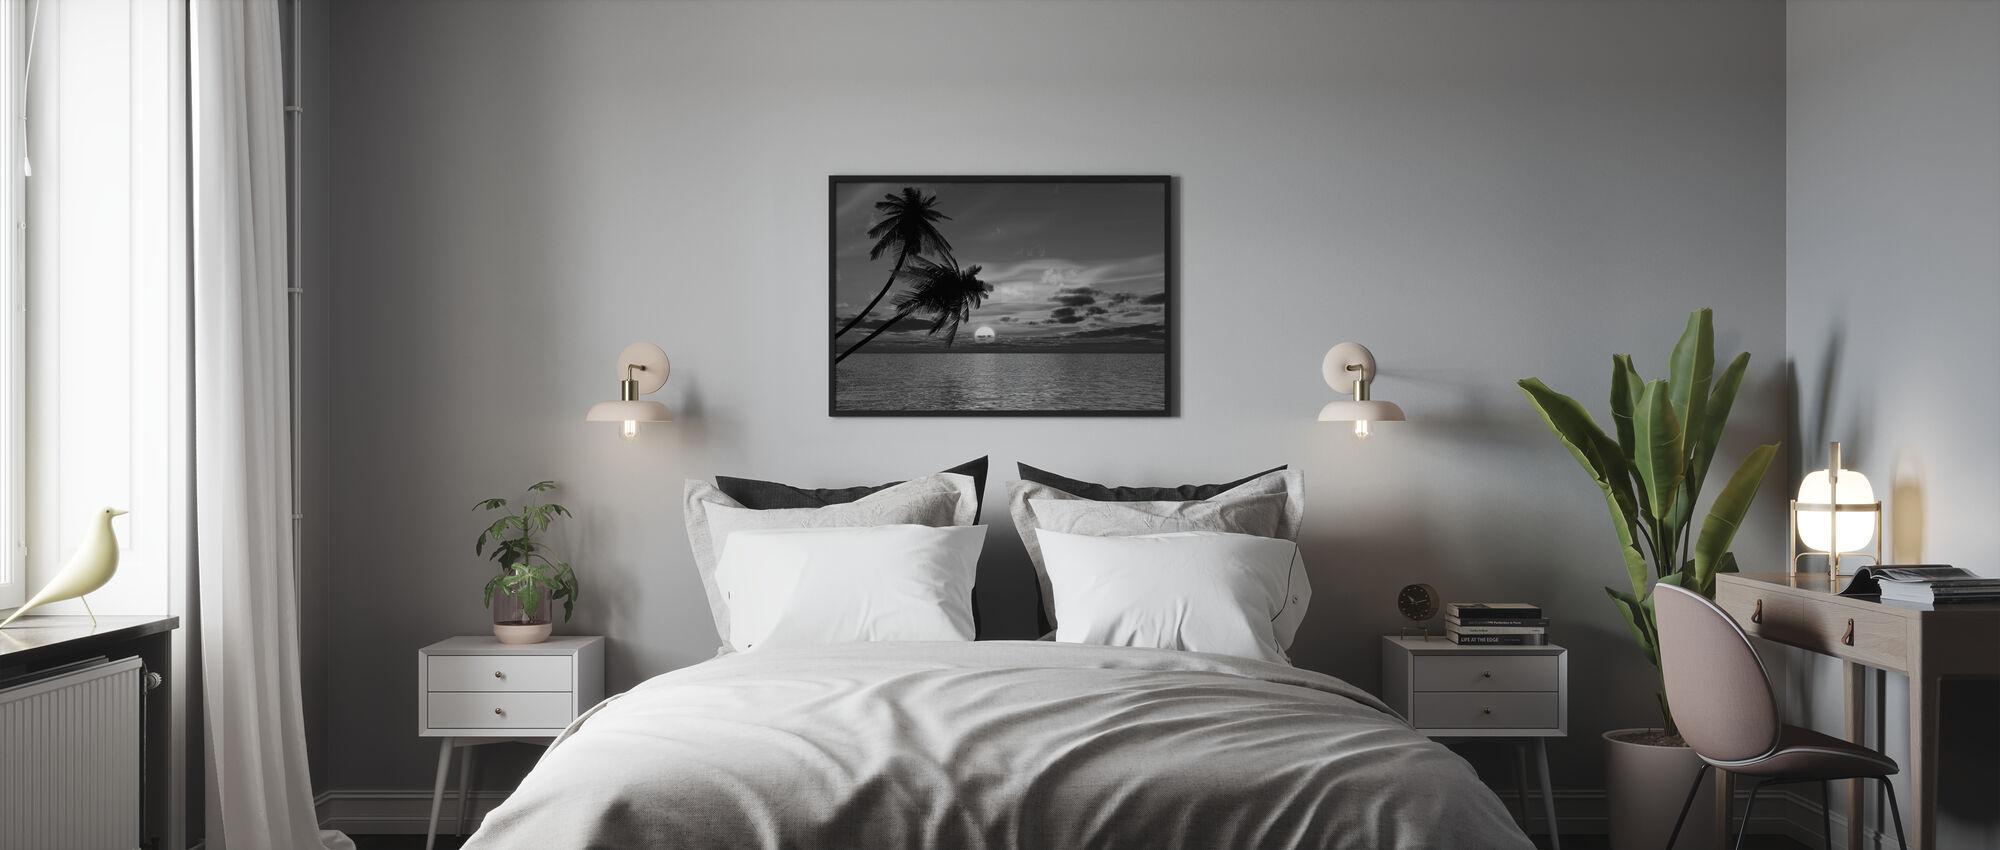 Kokos Palm Sol - Innrammet bilde - Soverom